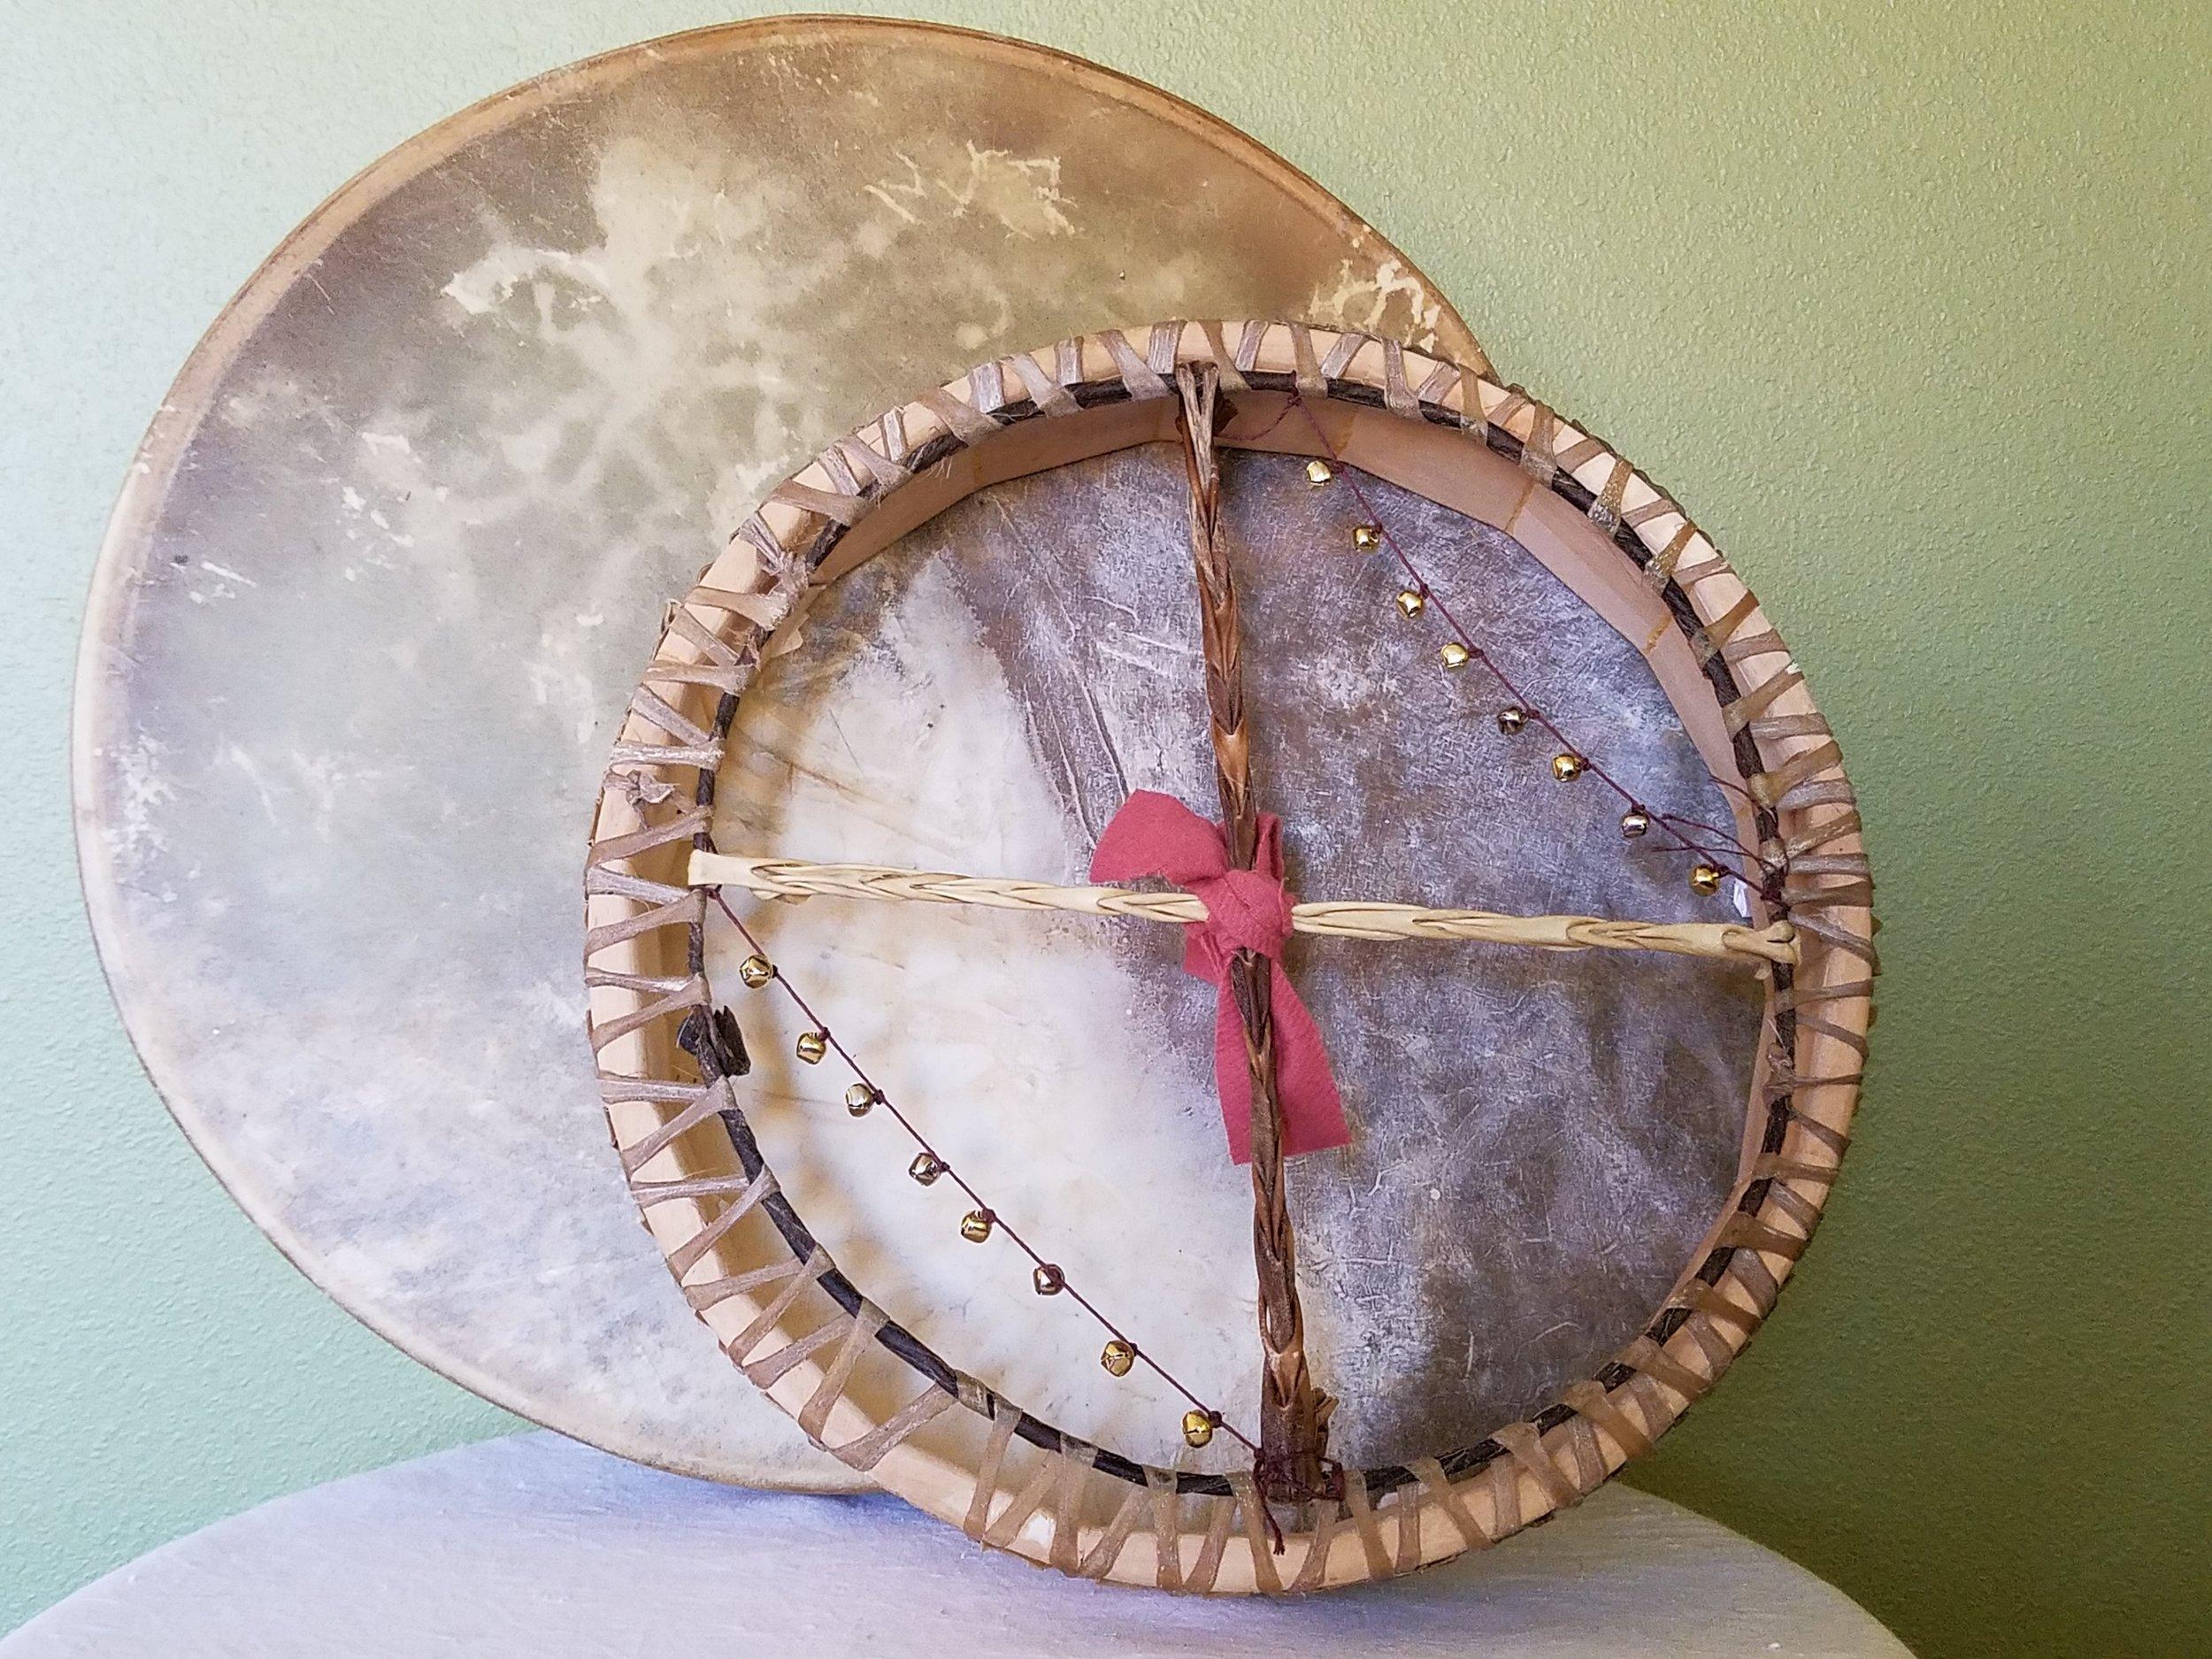 shamanic drum pacific northwest